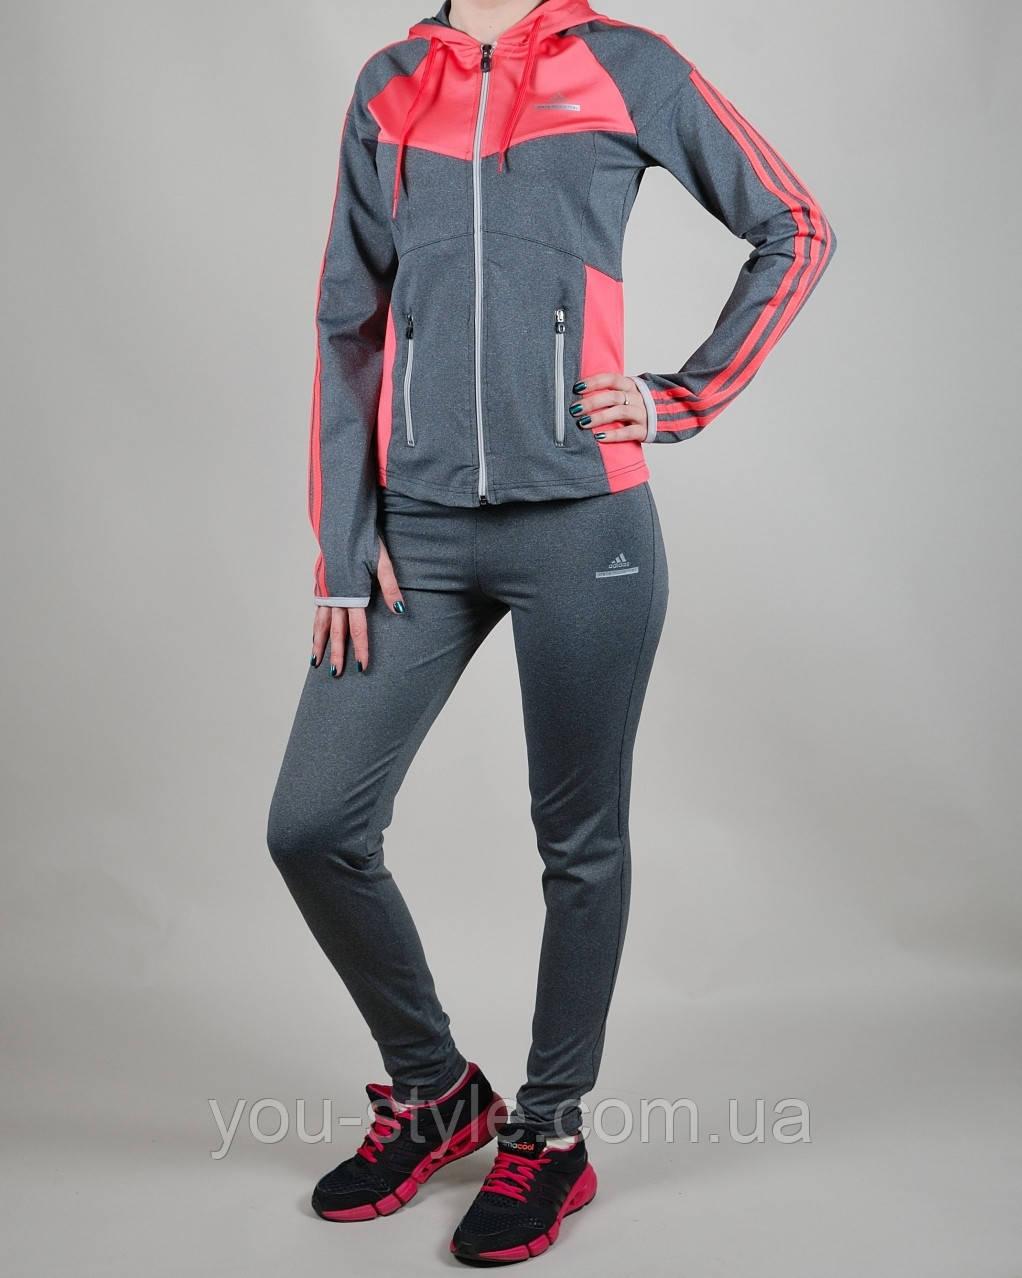 Женский спортивный костюм Adidas Stella Mccartney 1043 Серый - Интернет  магазин